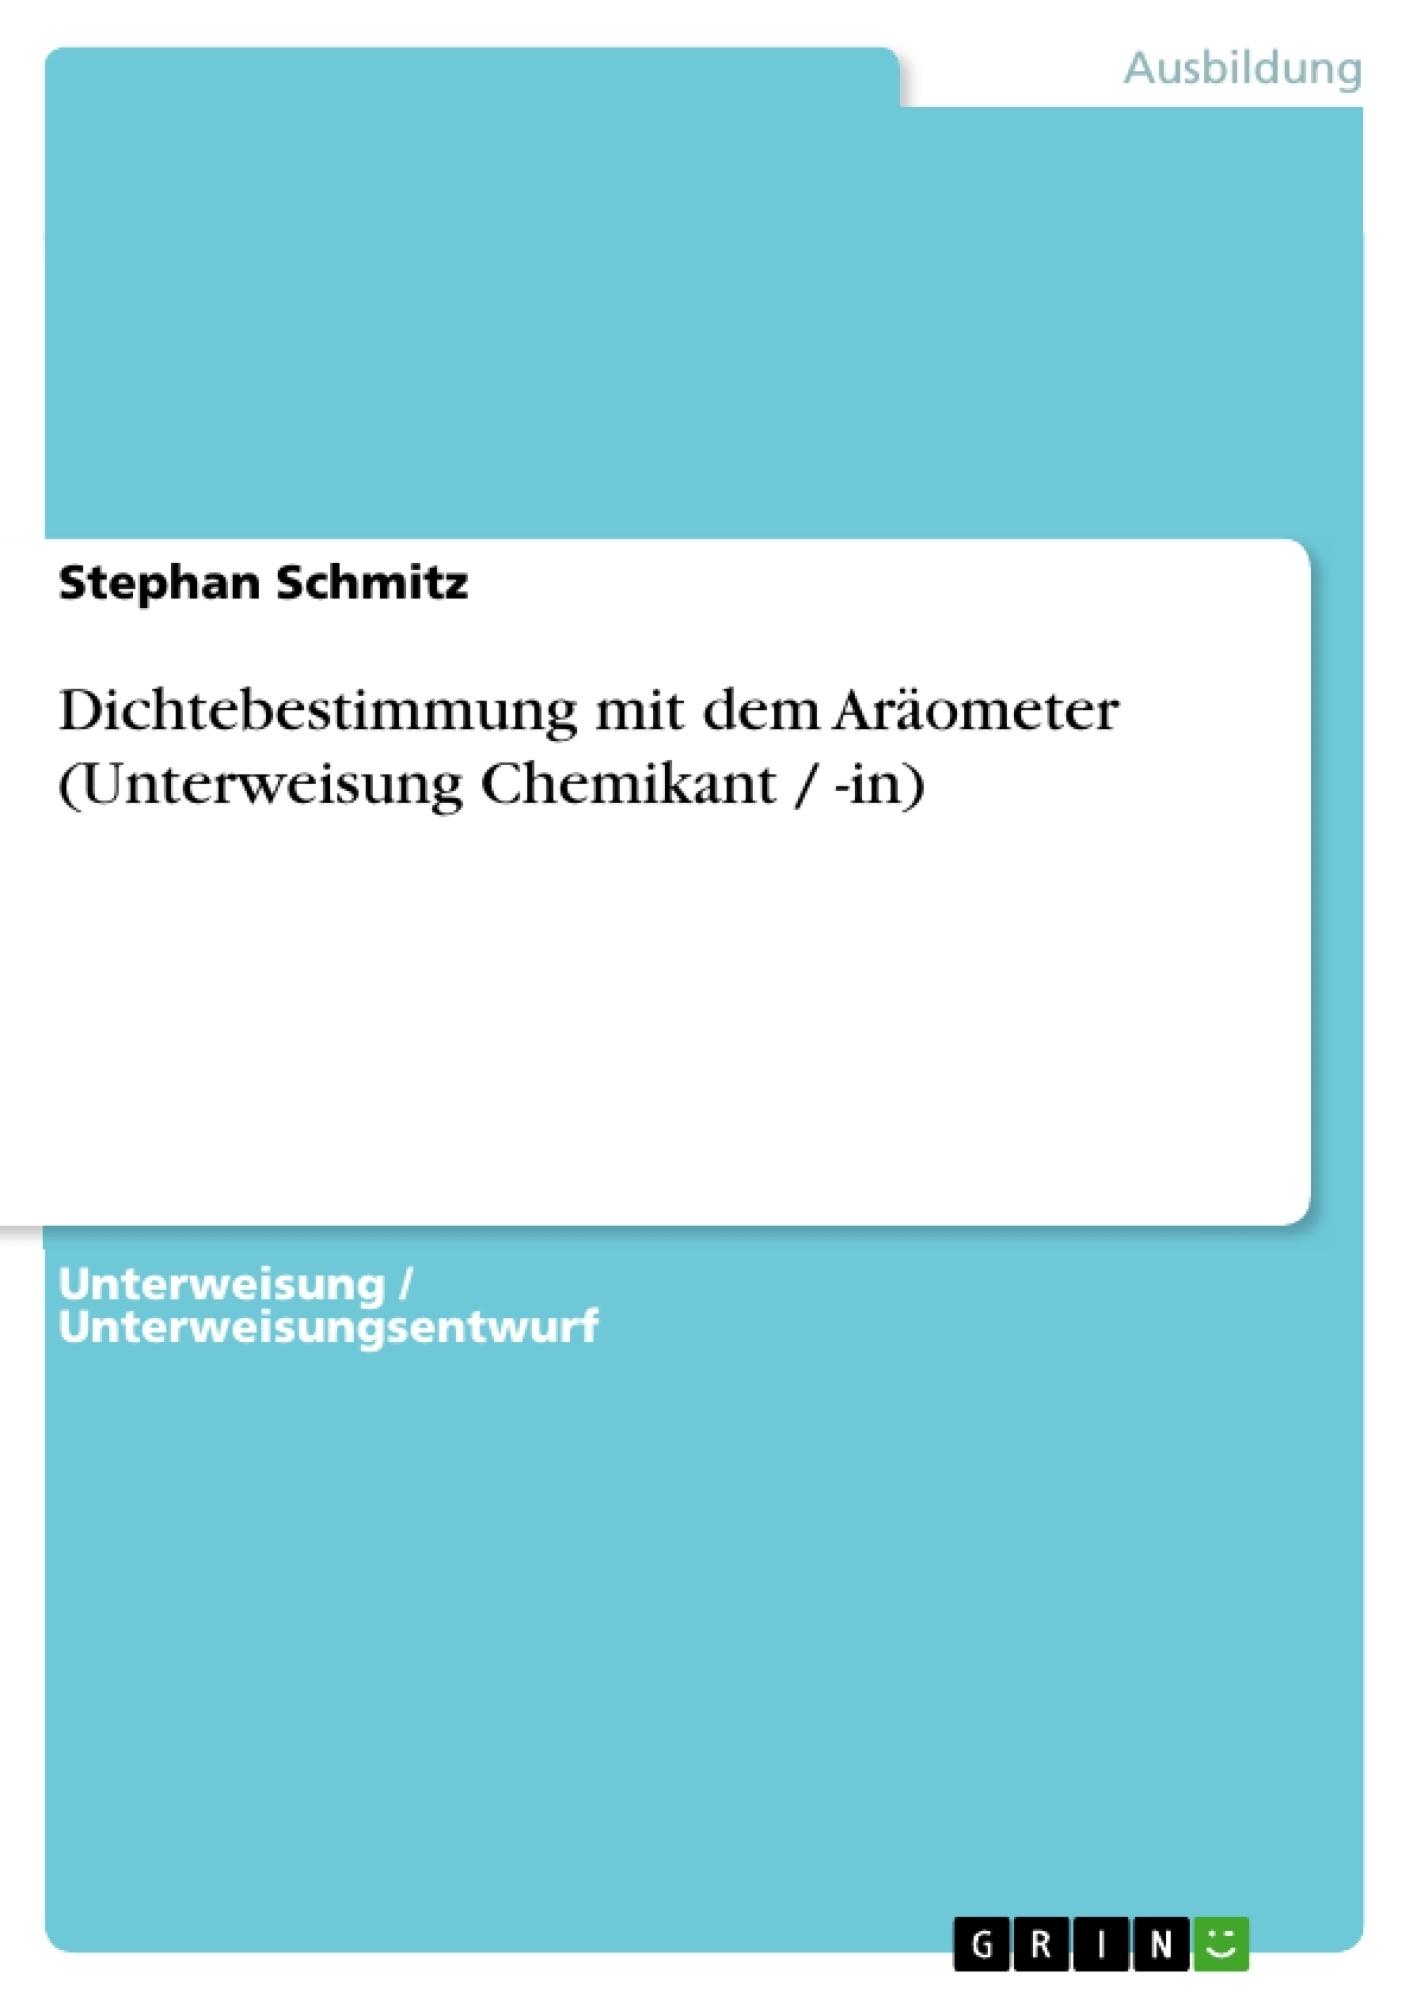 Titel: Dichtebestimmung mit dem Aräometer (Unterweisung Chemikant / -in)